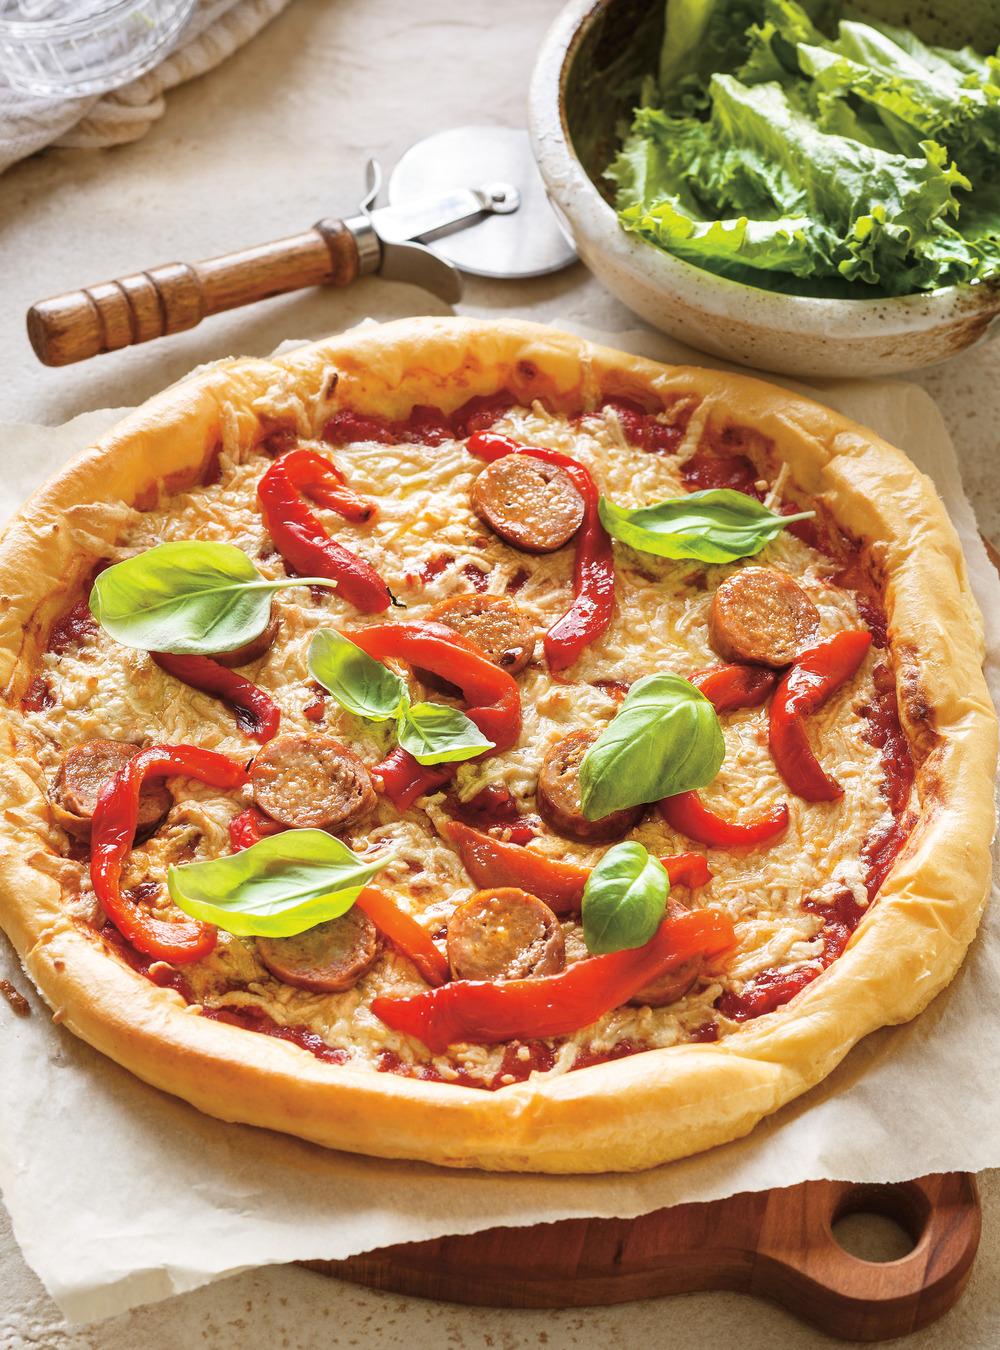 Pizza sans lactose, sans protéines bovines et sans gluten | ricardo